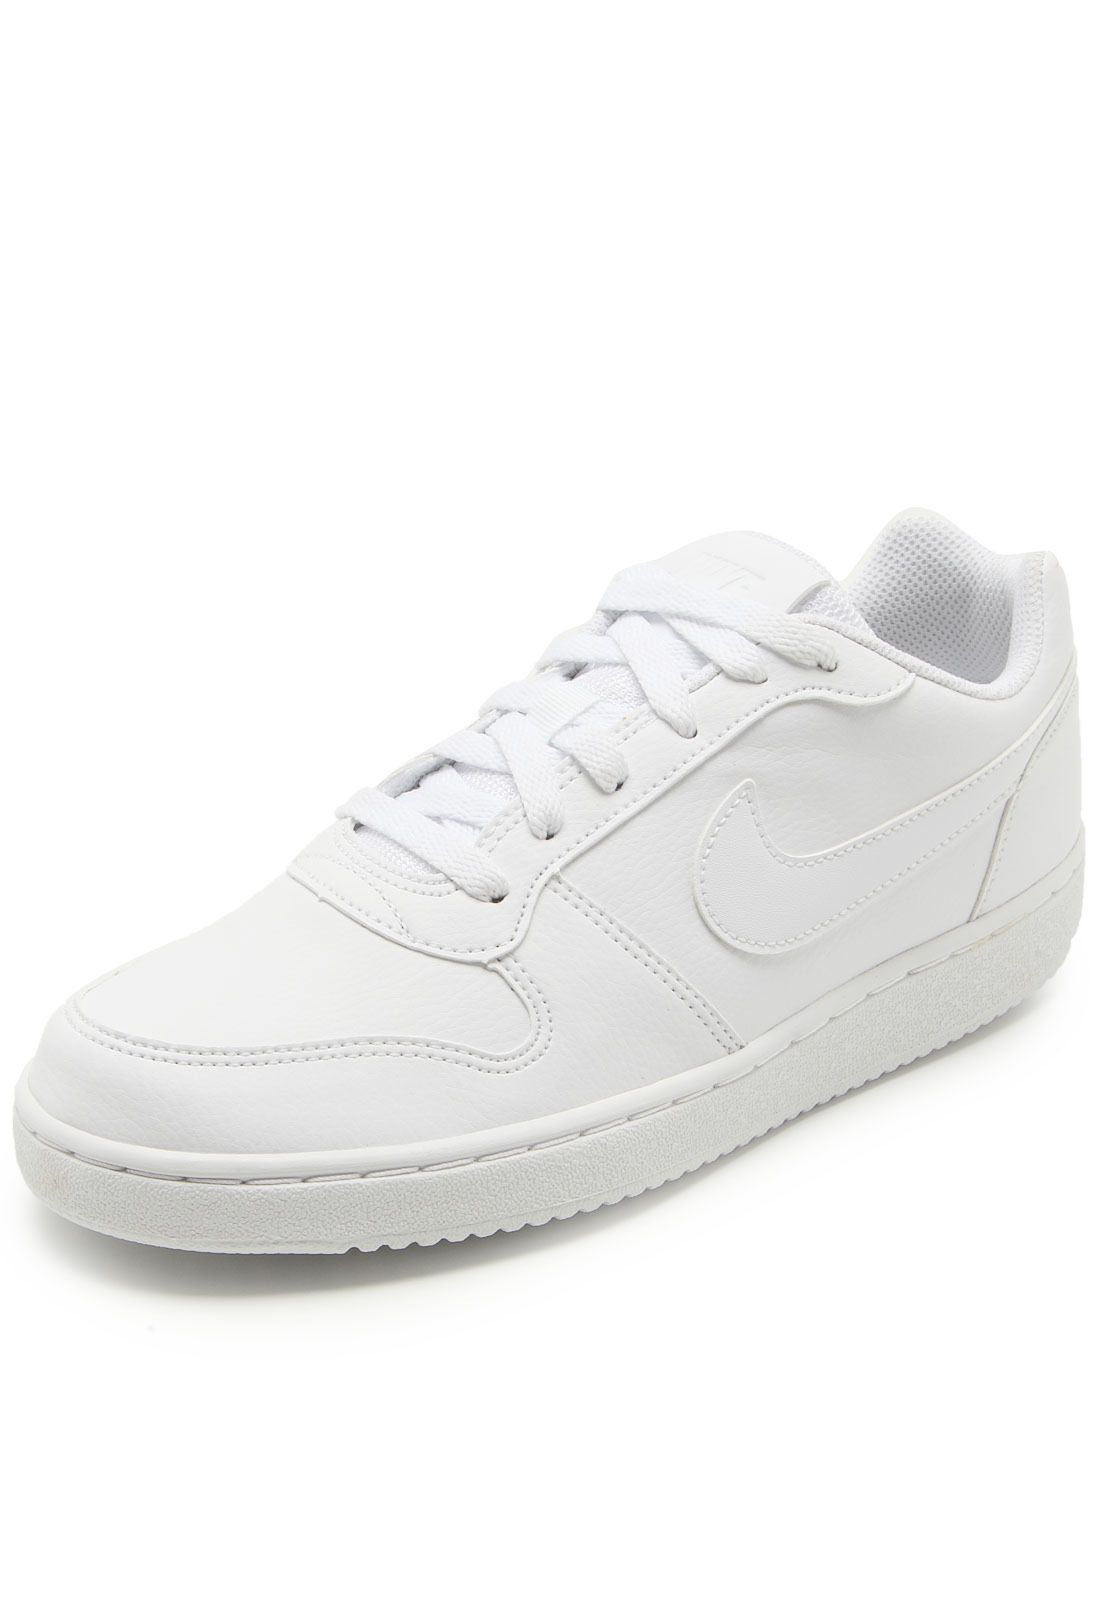 35a16acd7d Tênis Nike Sportswear Ebernon Low Branco em 2019